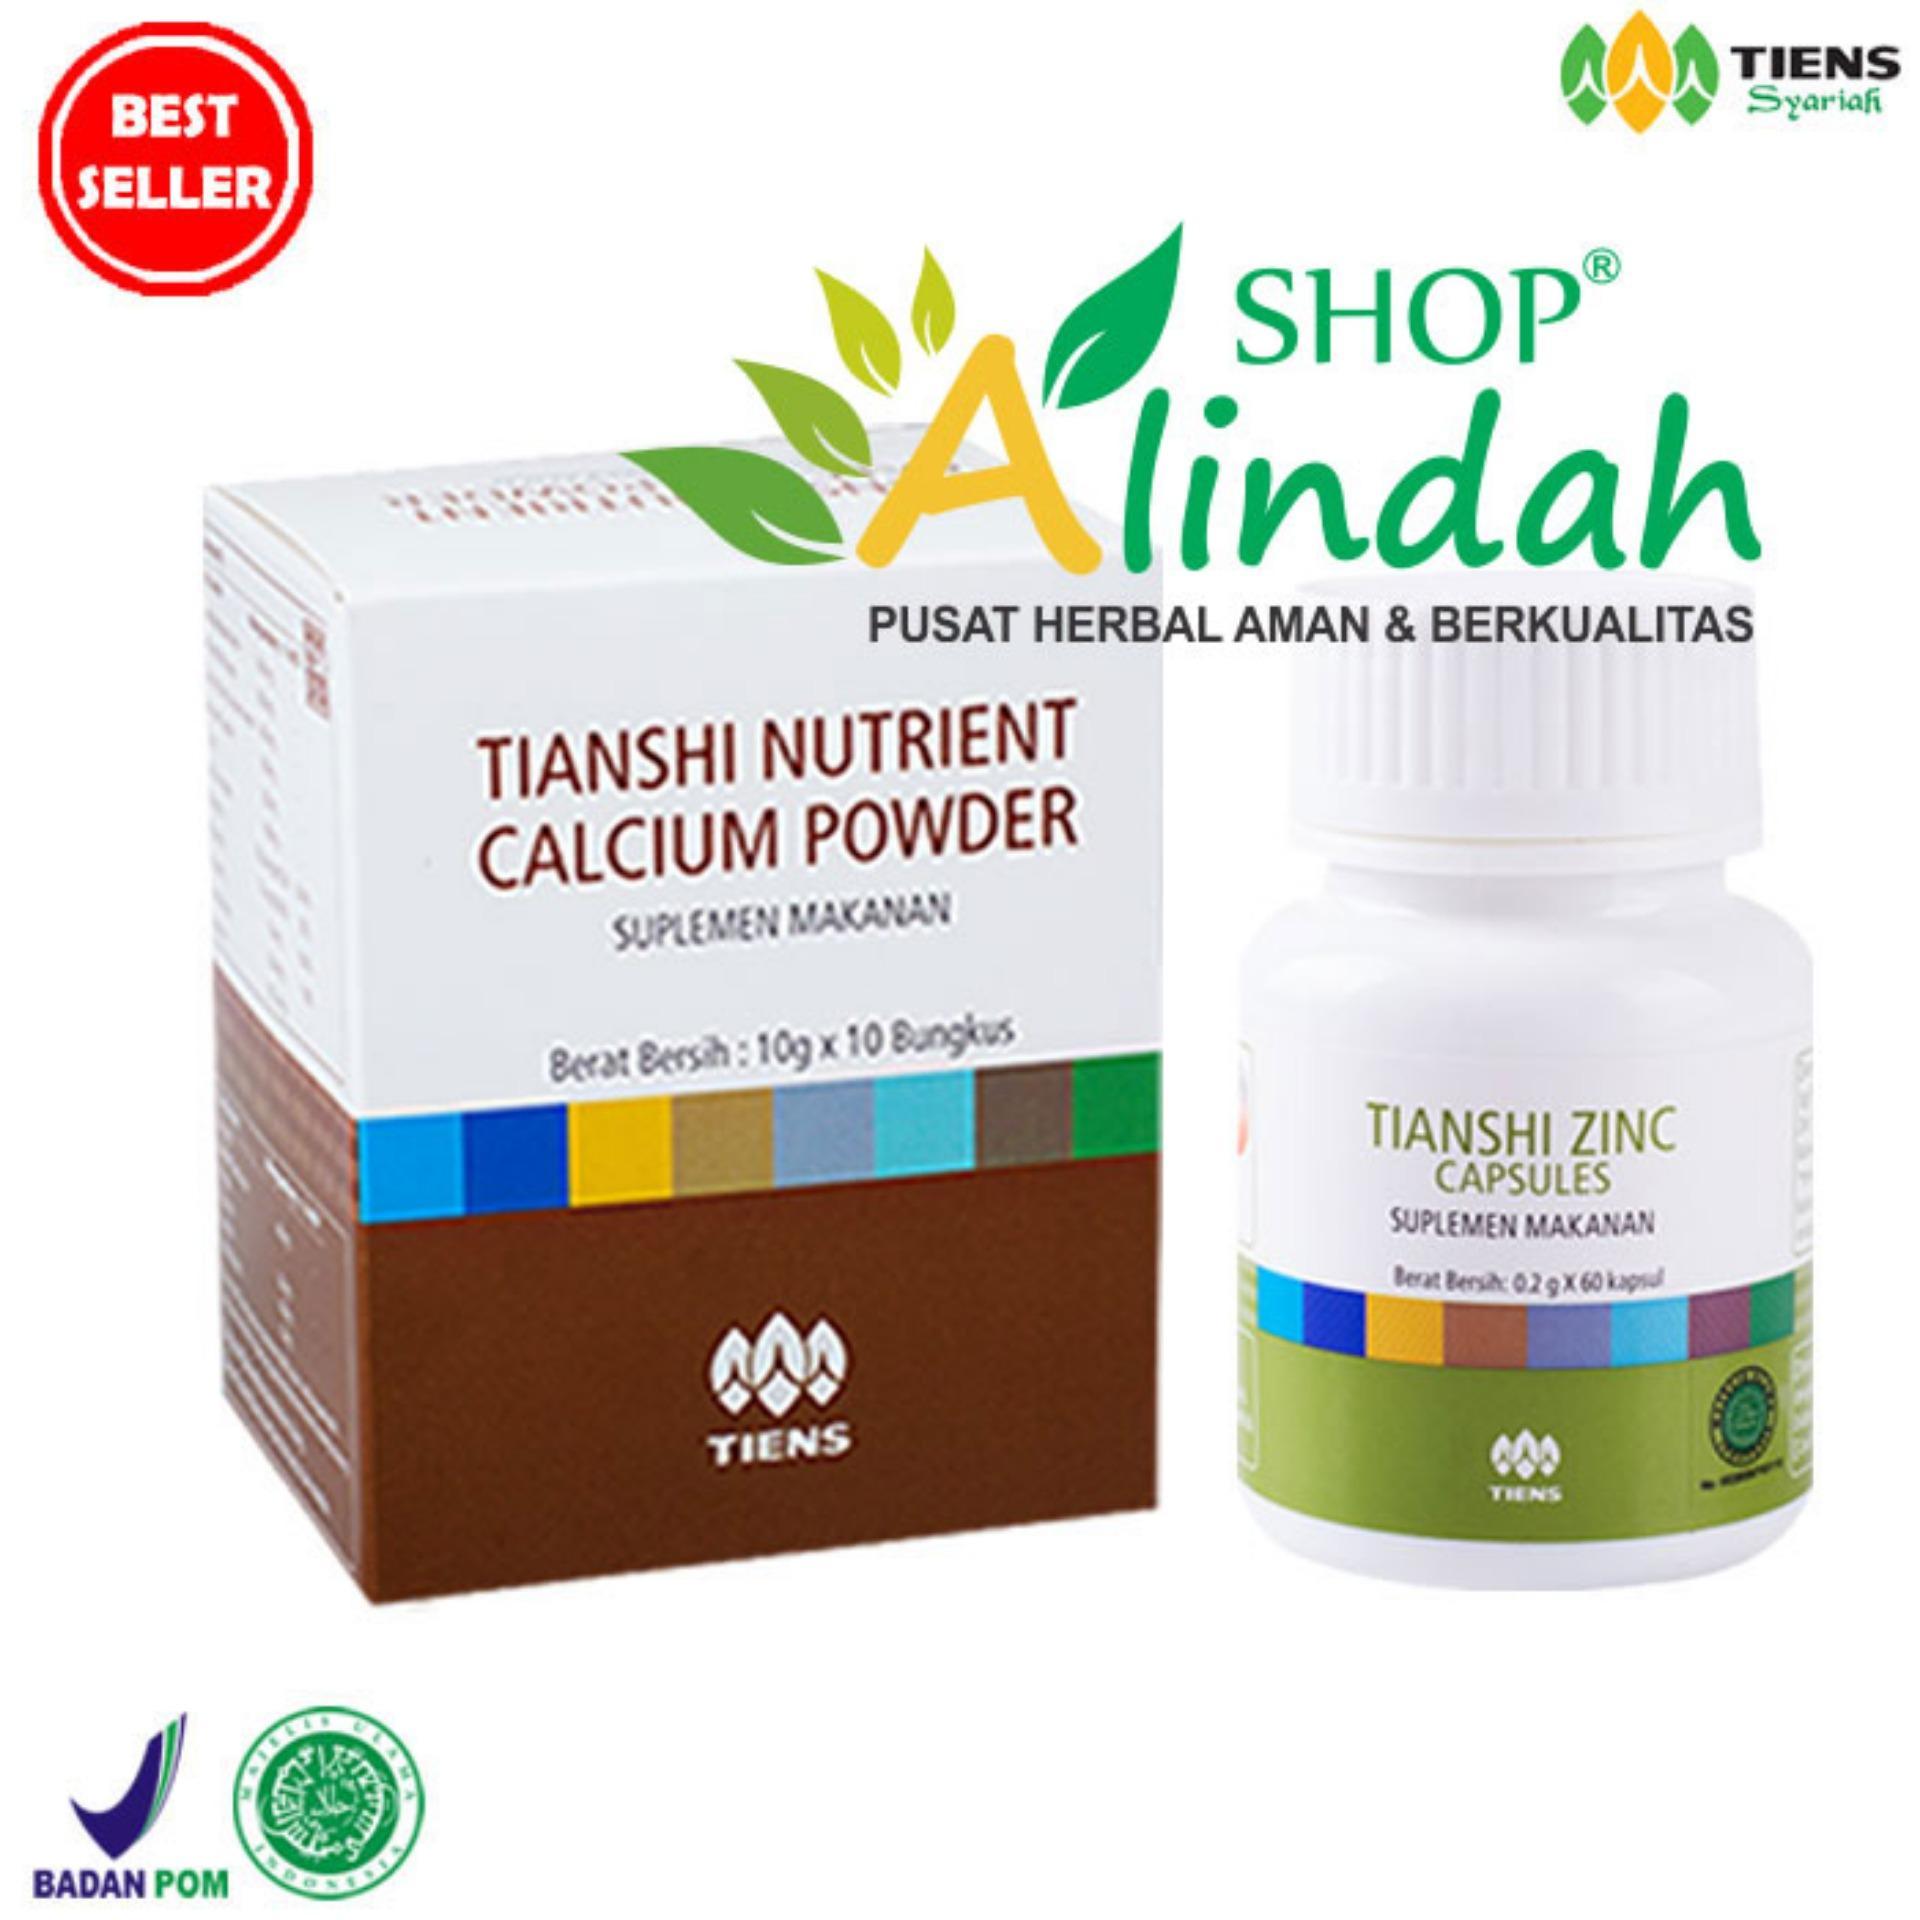 Flash Sale Tiens Peninggi Badan Tiens Calcium Powder dan Zinc promo paket hanya di Best galleri herbal